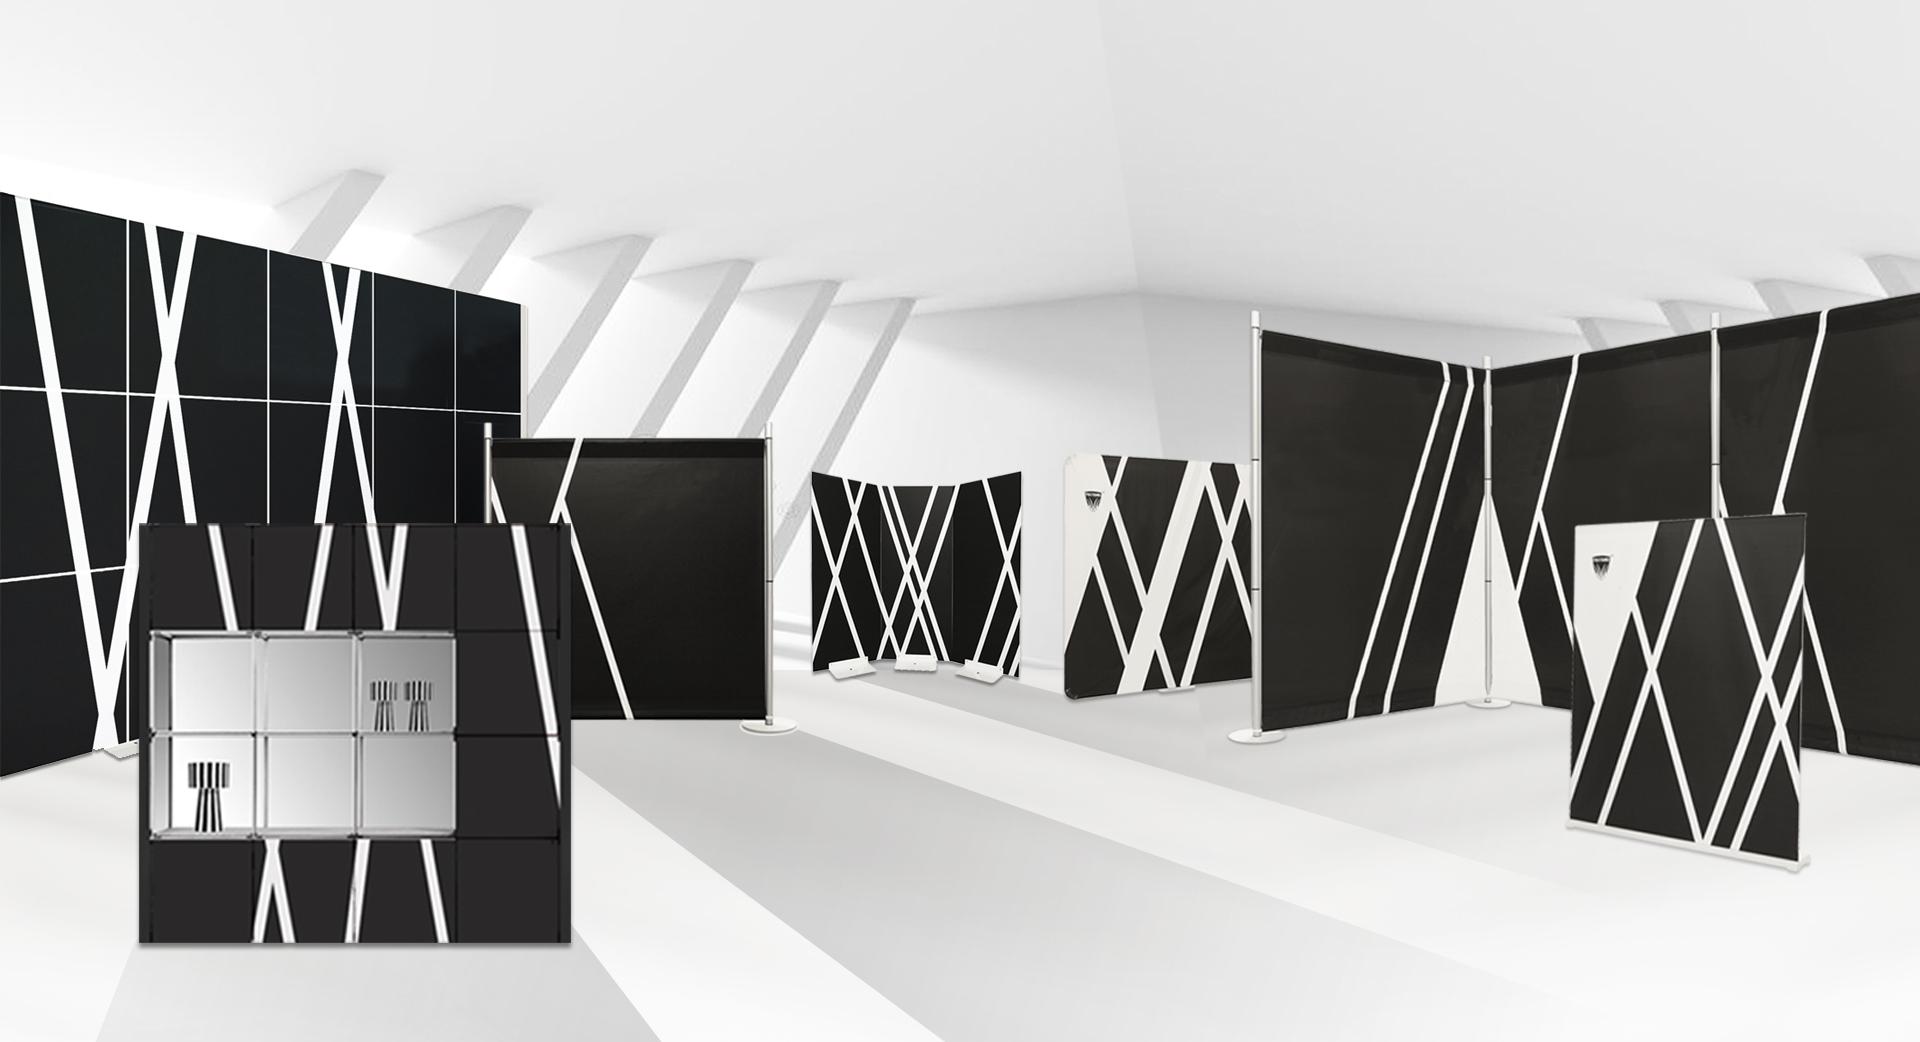 murs d'images portables